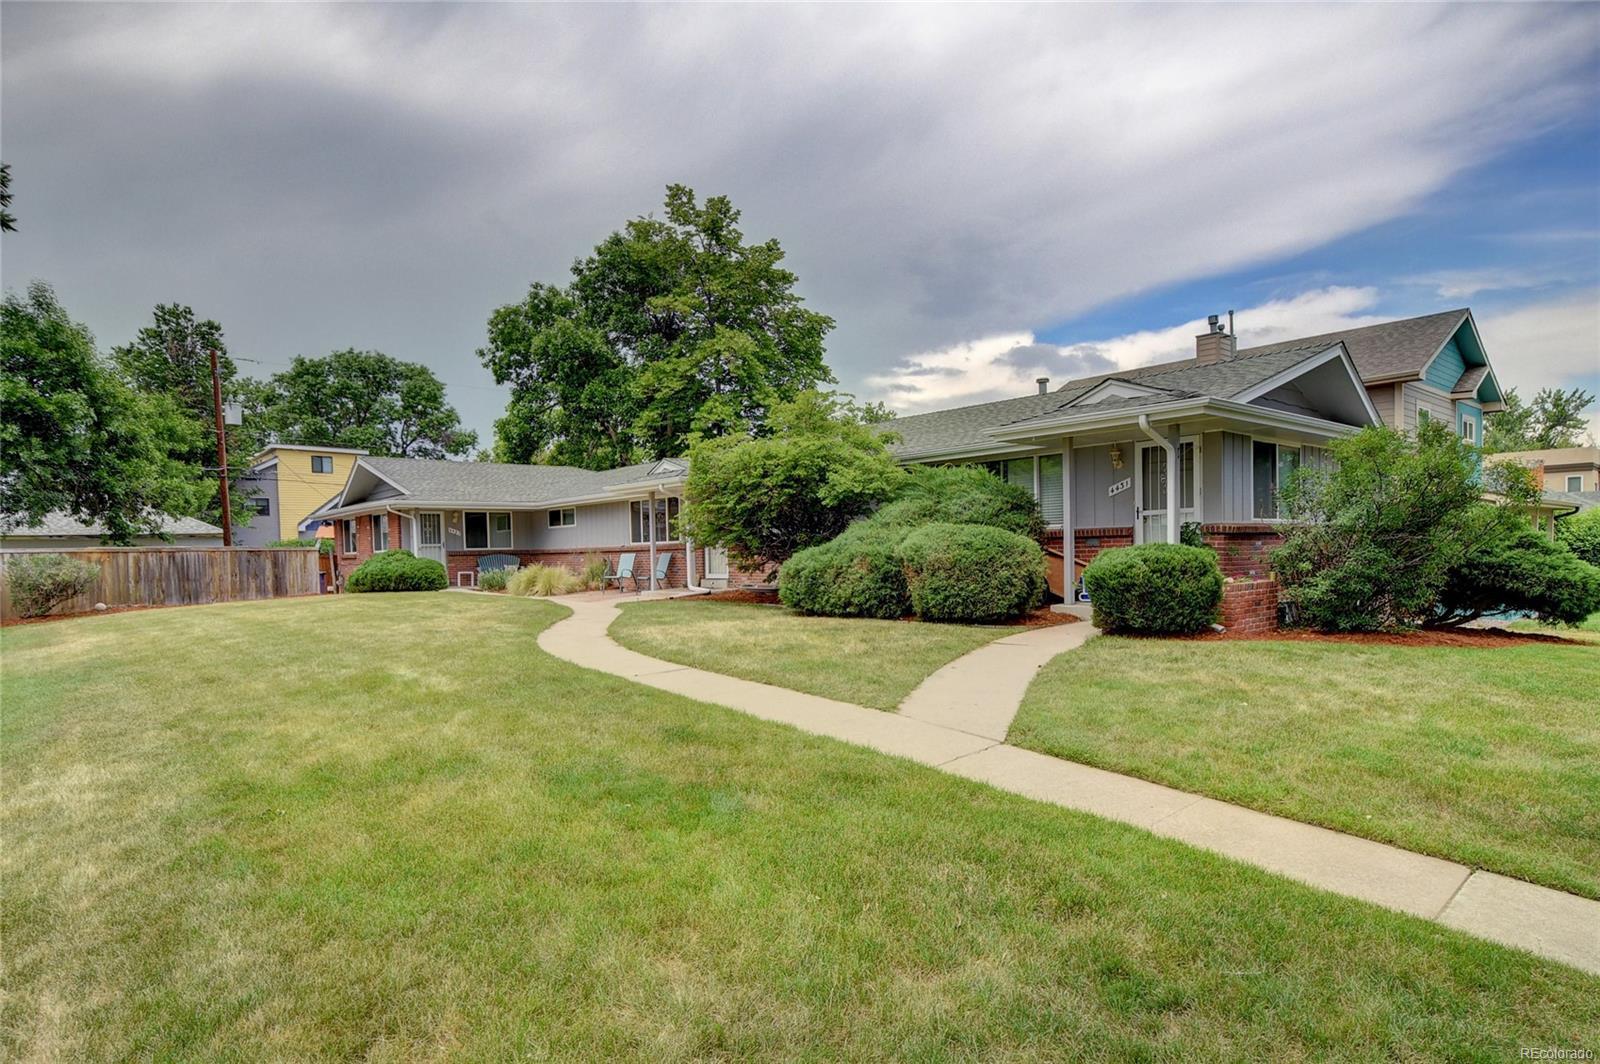 4431 Osceola Street, Denver, CO 80212 - Denver, CO real estate listing